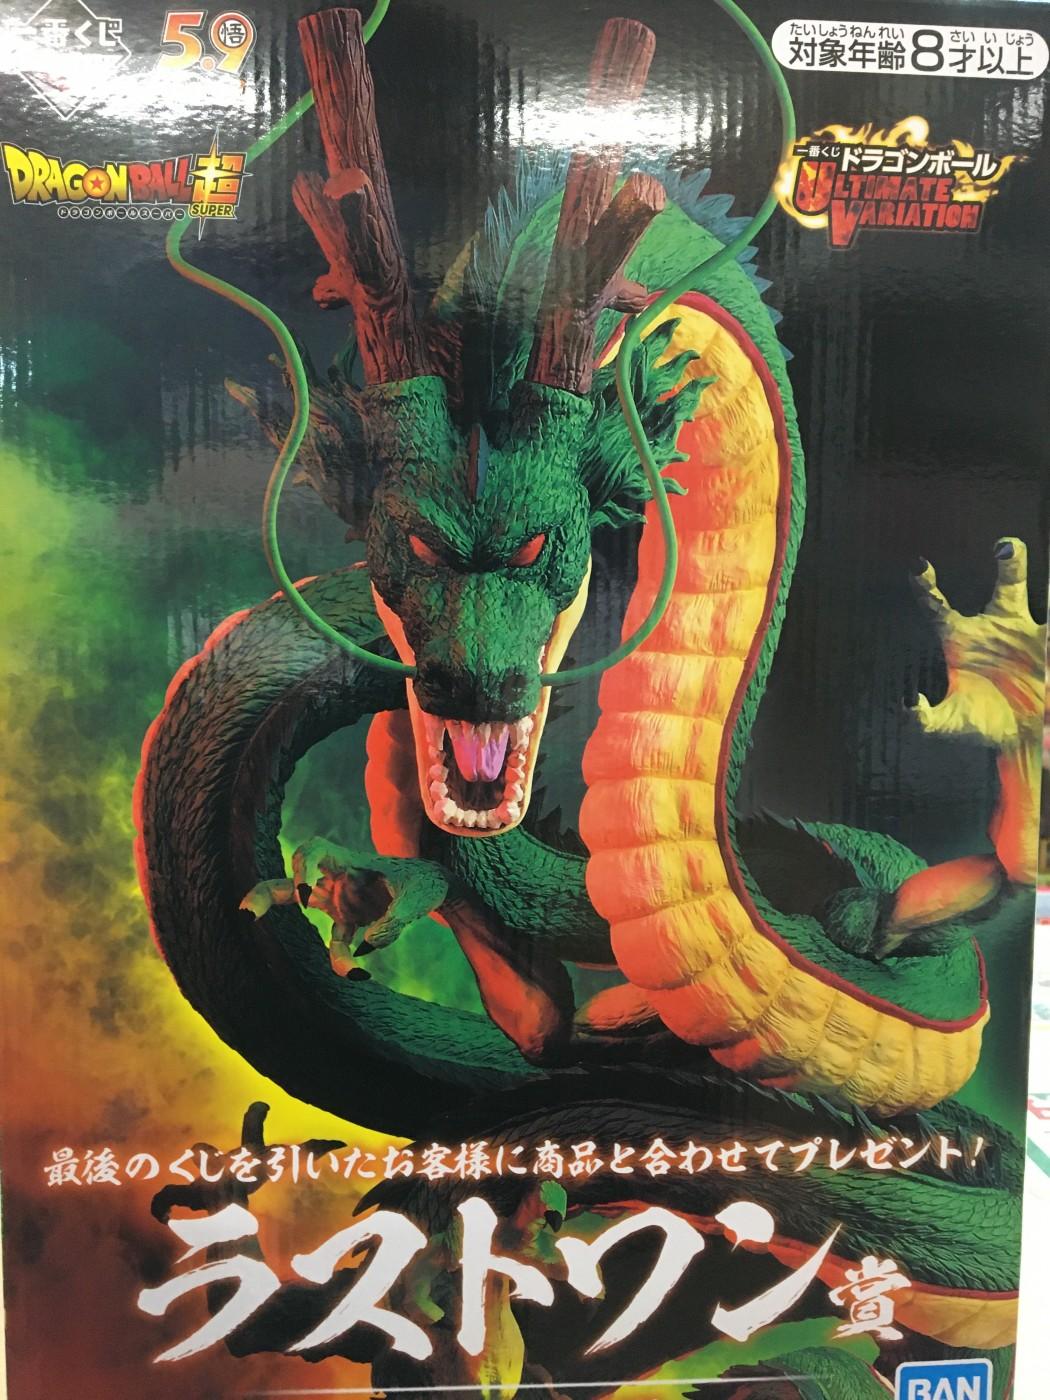 買取情報『BANDAI(バンダイ)のドラゴンボールULTIMATEVARIATIONラストワン賞神龍フィギュア』